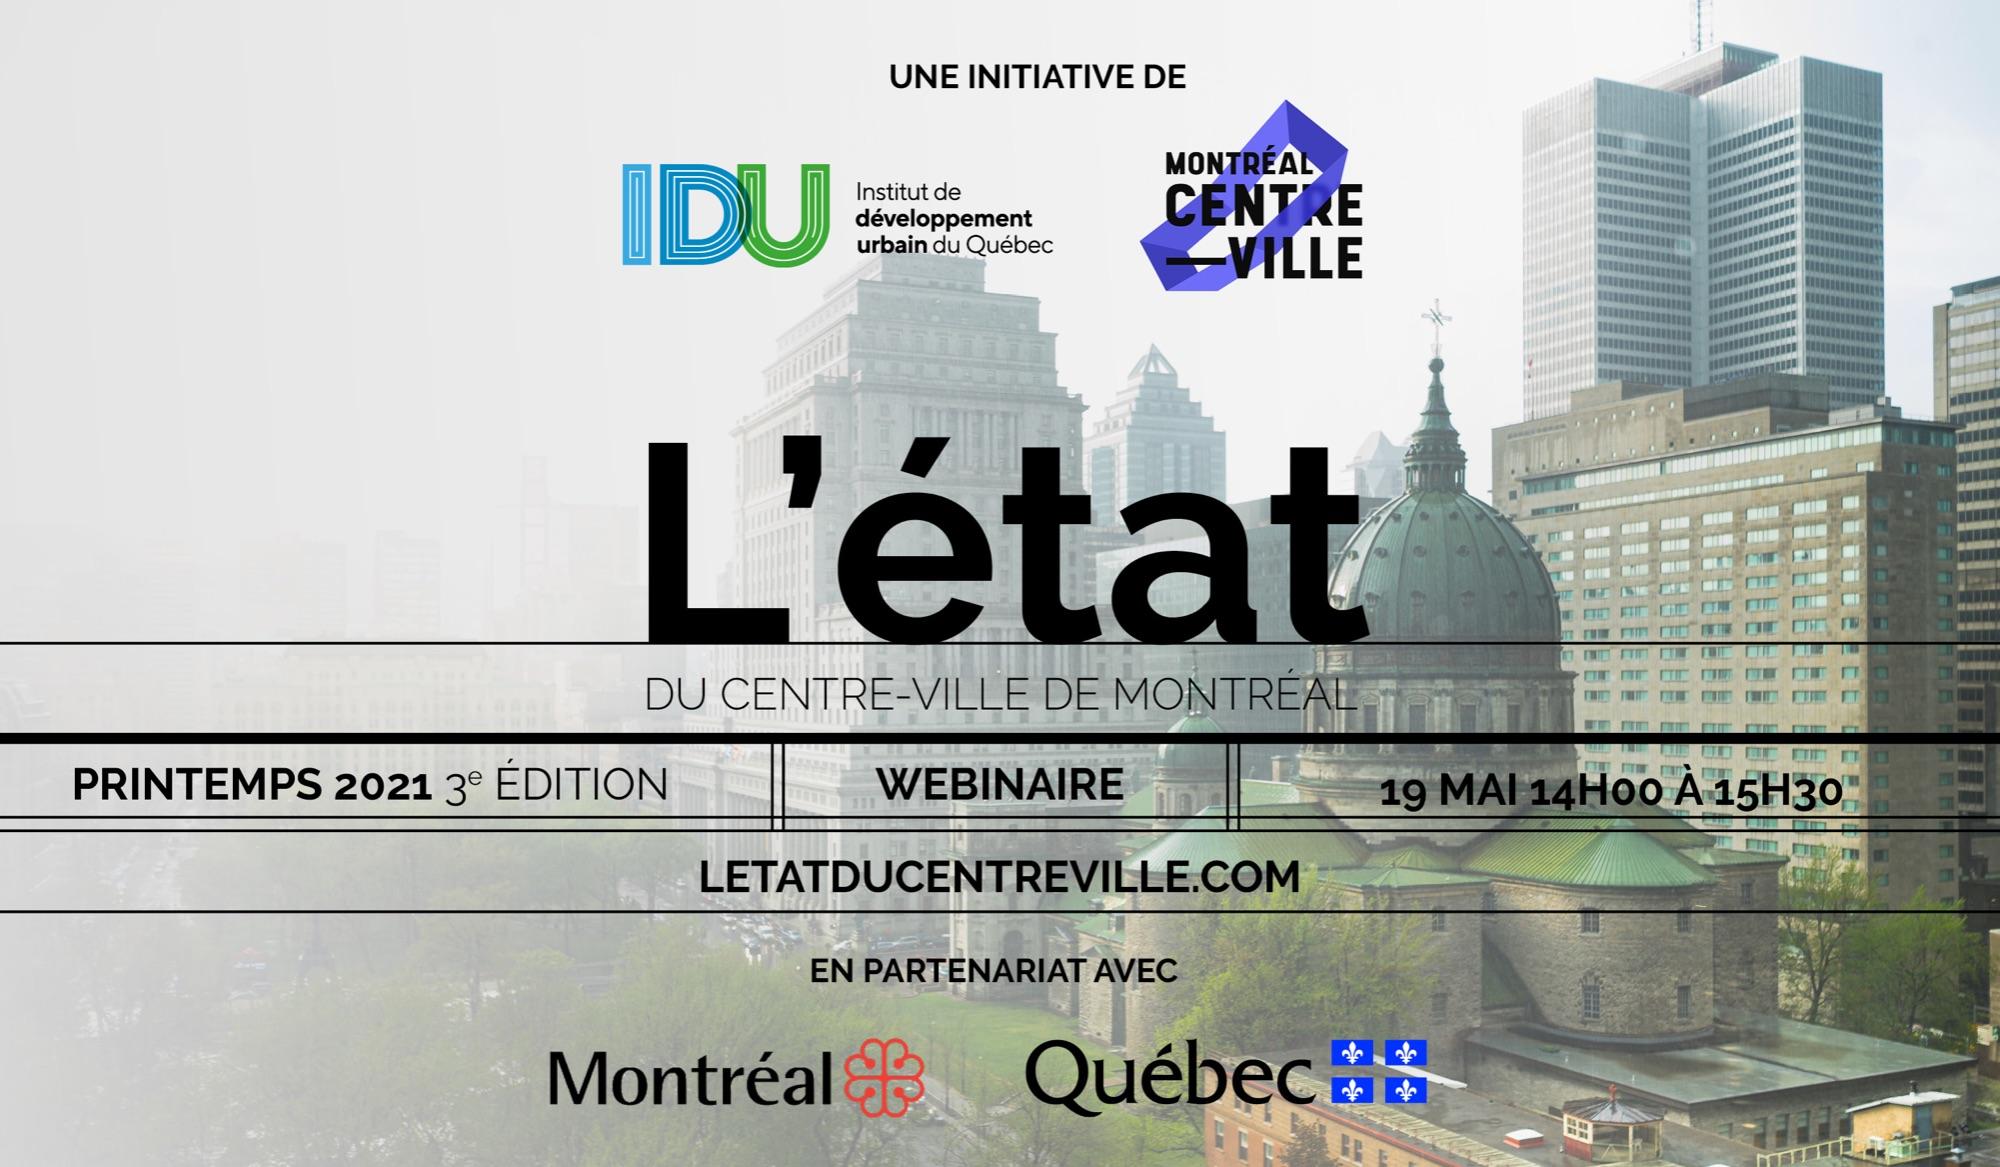 L'état du centre-ville de Montréal 2021 - 3e édition